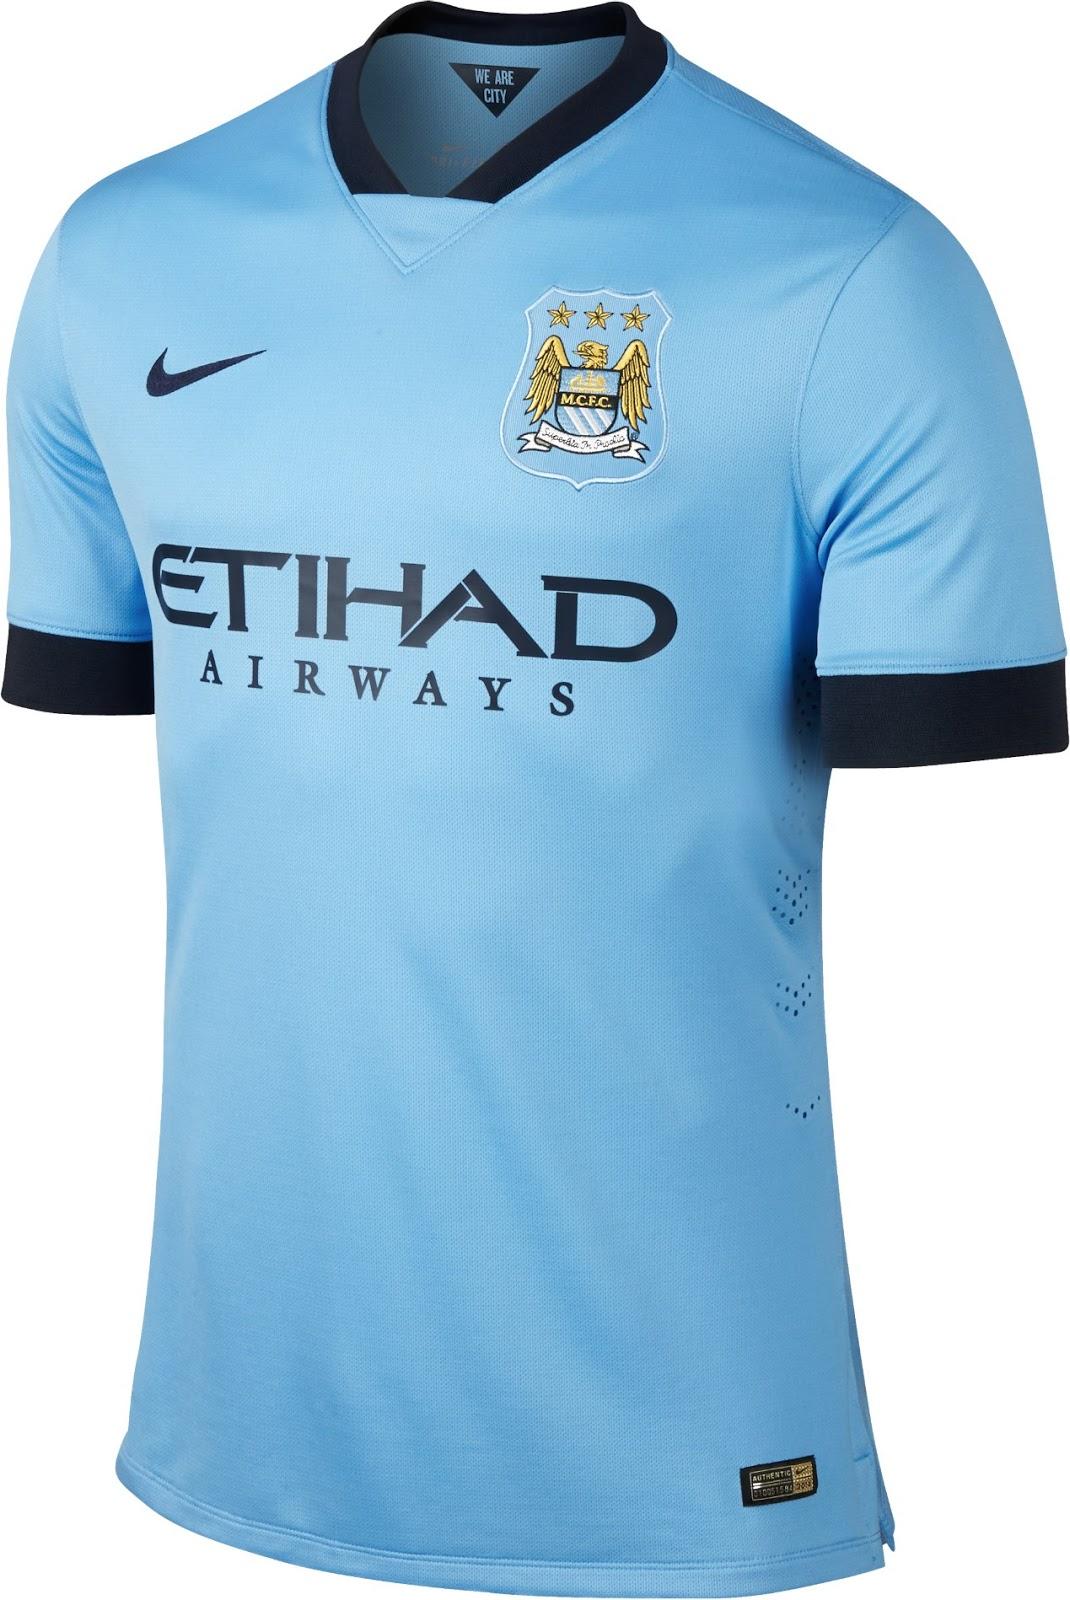 http://3.bp.blogspot.com/-luh3lygnZvs/U75XyK4_pPI/AAAAAAAATNw/oeT280WvFIQ/s1600/Manchester+City-14-15-Home-Kit+(1).jpg